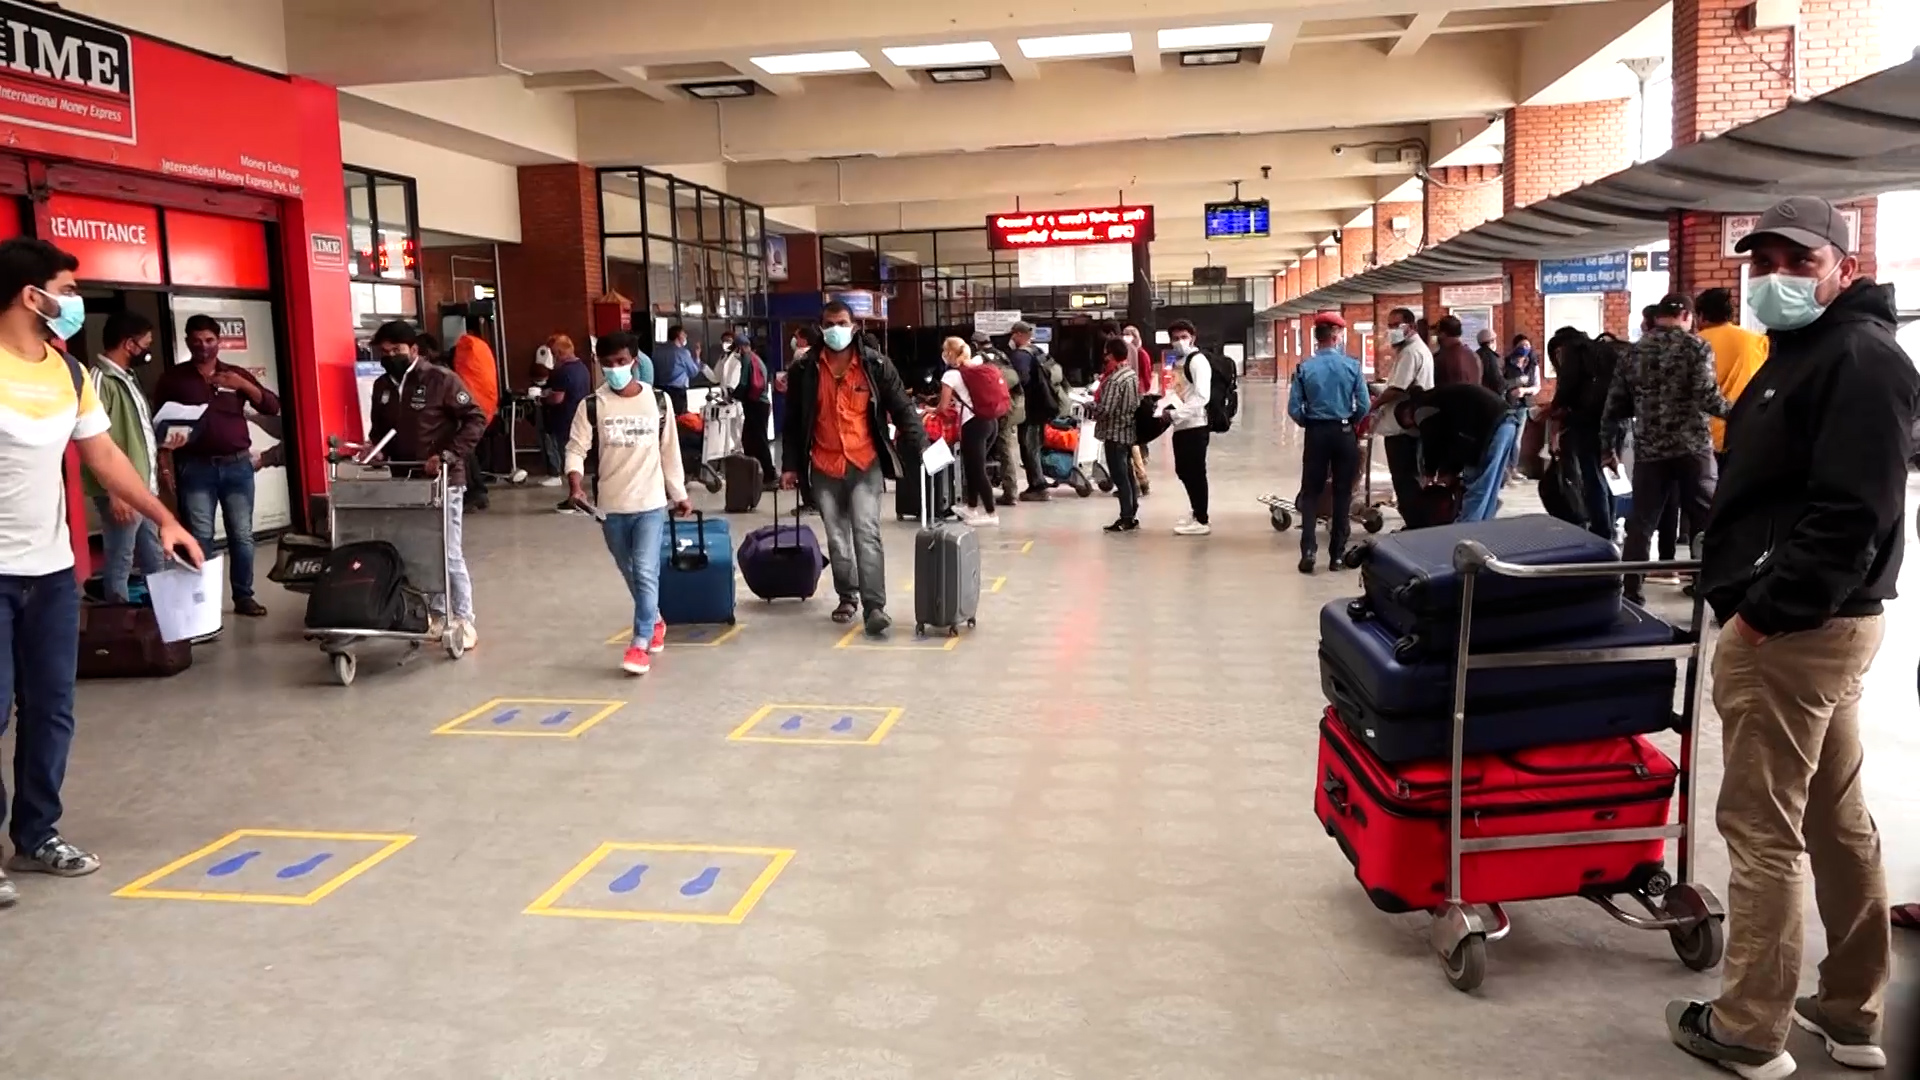 त्रिभुवन अन्तर्राष्ट्रिय विमानस्थलमा नेपाल छाड्नेहरुको भीड